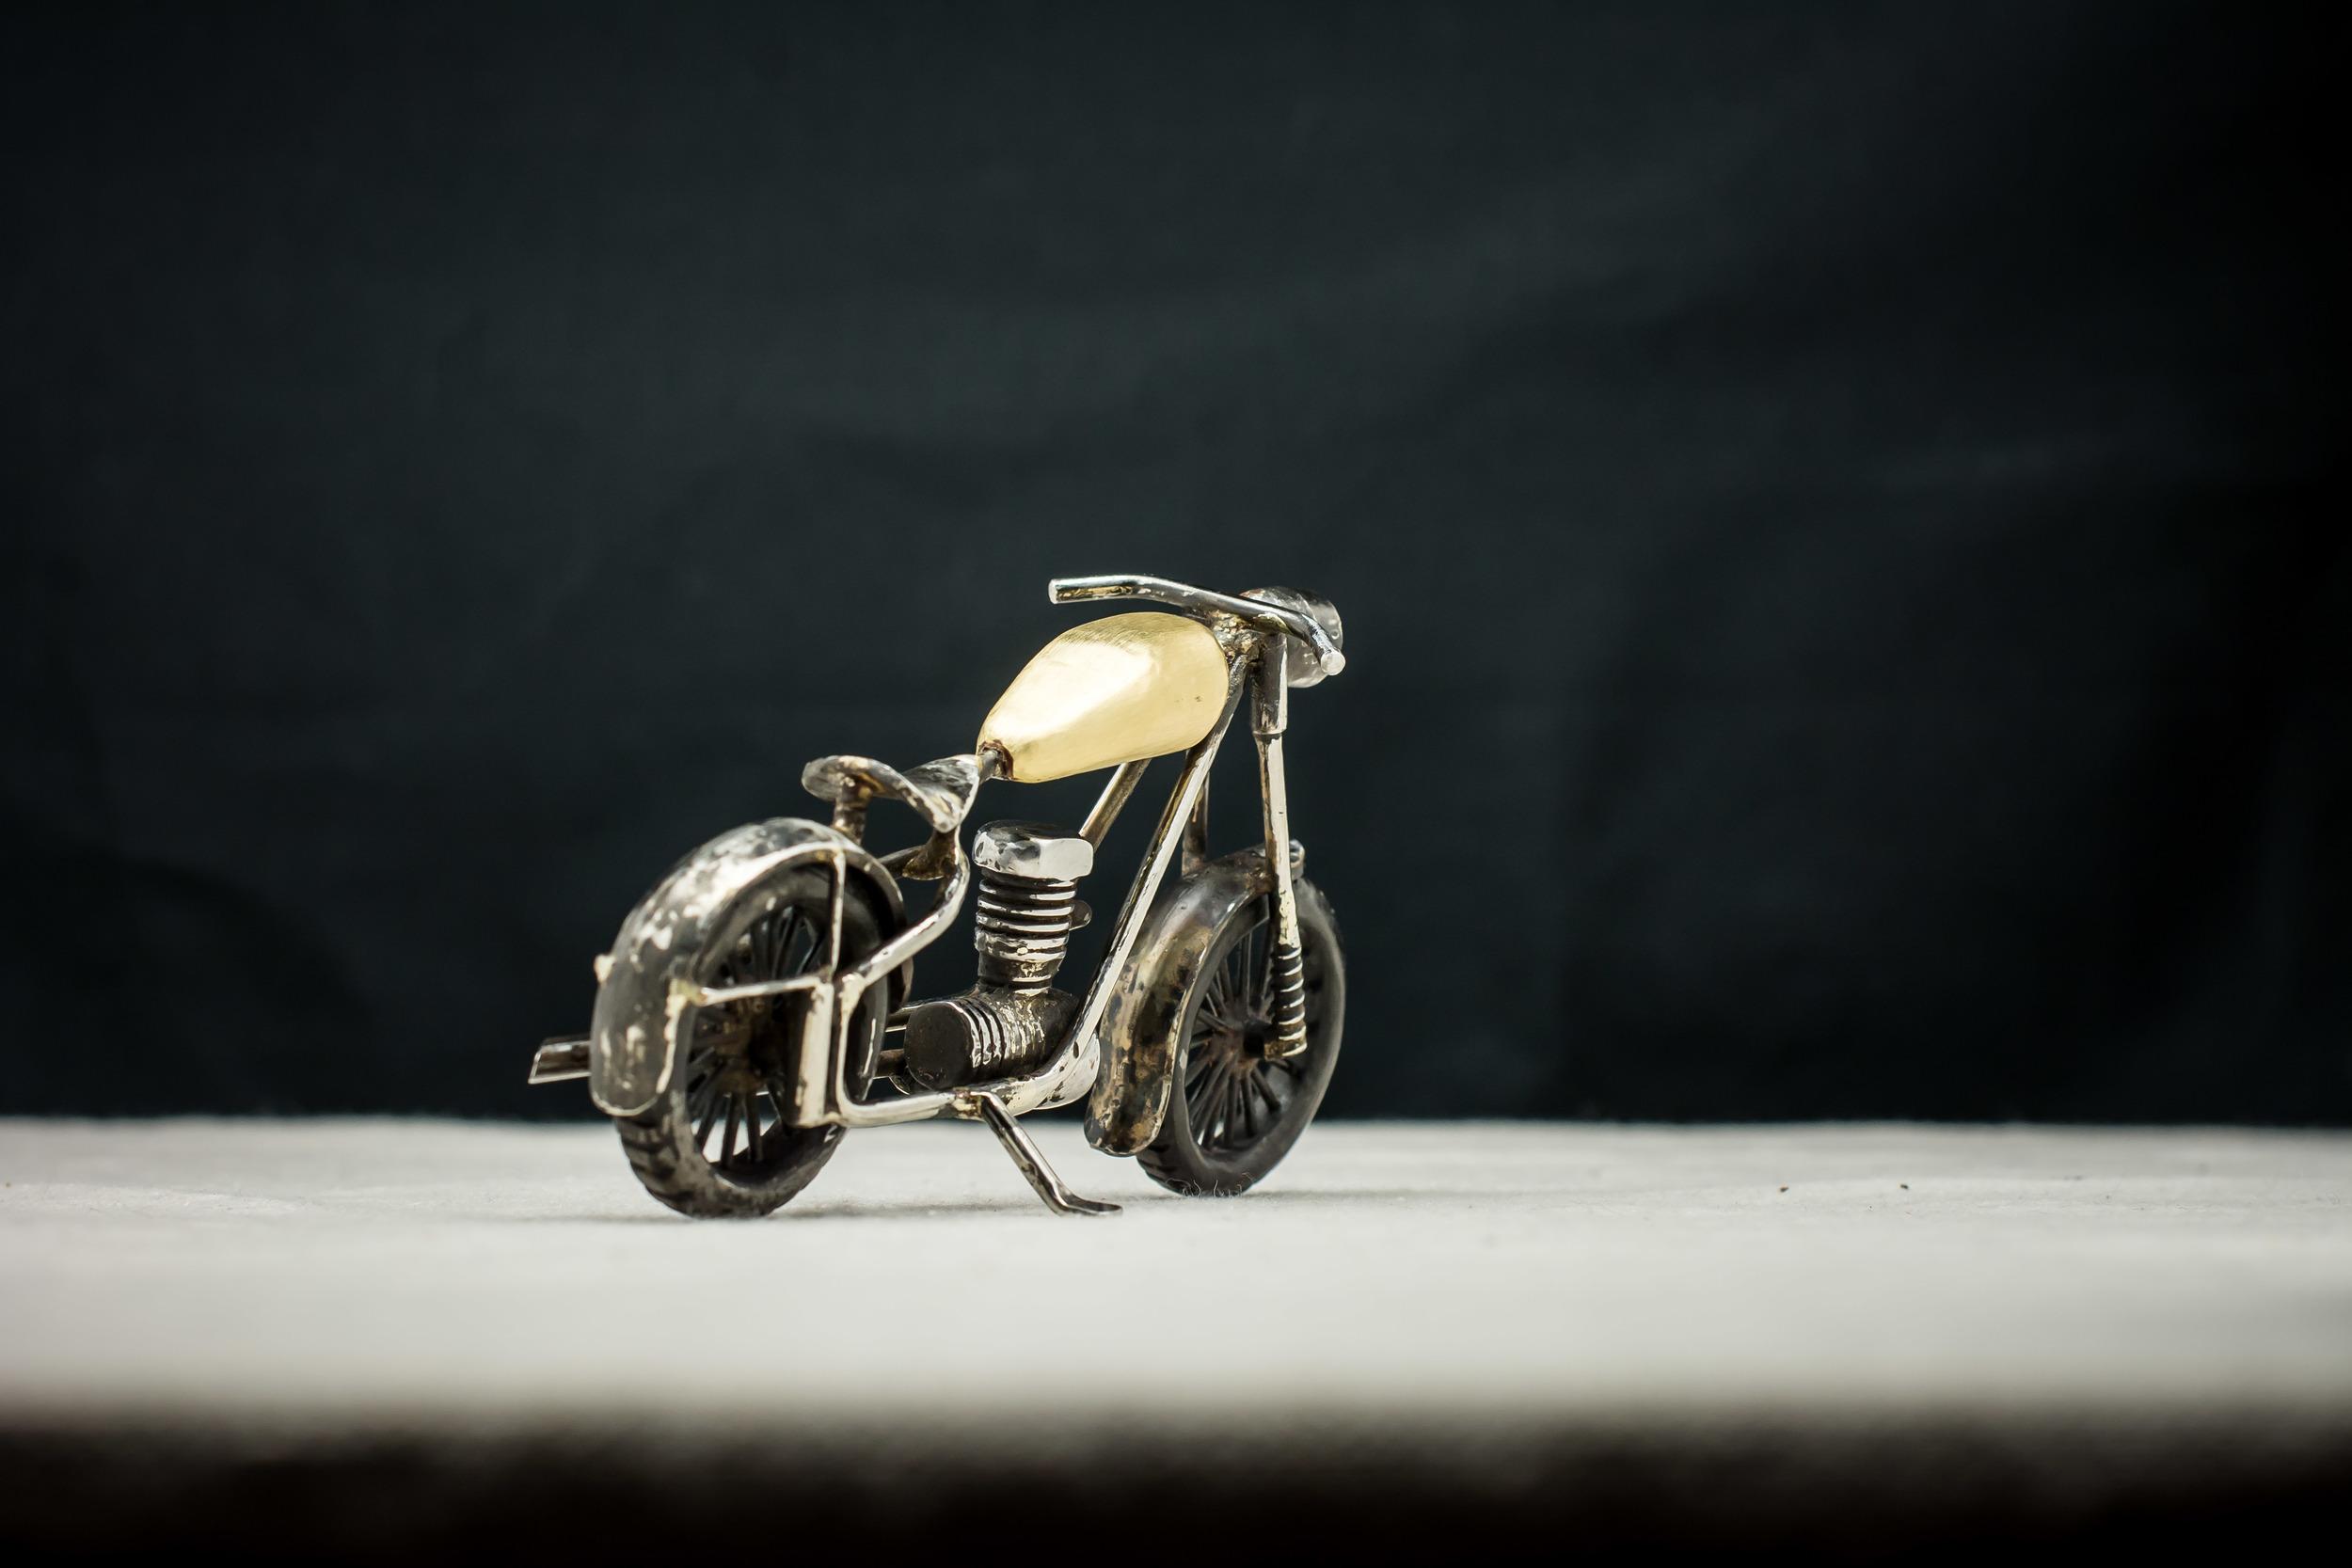 Vintage Motorcycle-4.jpg